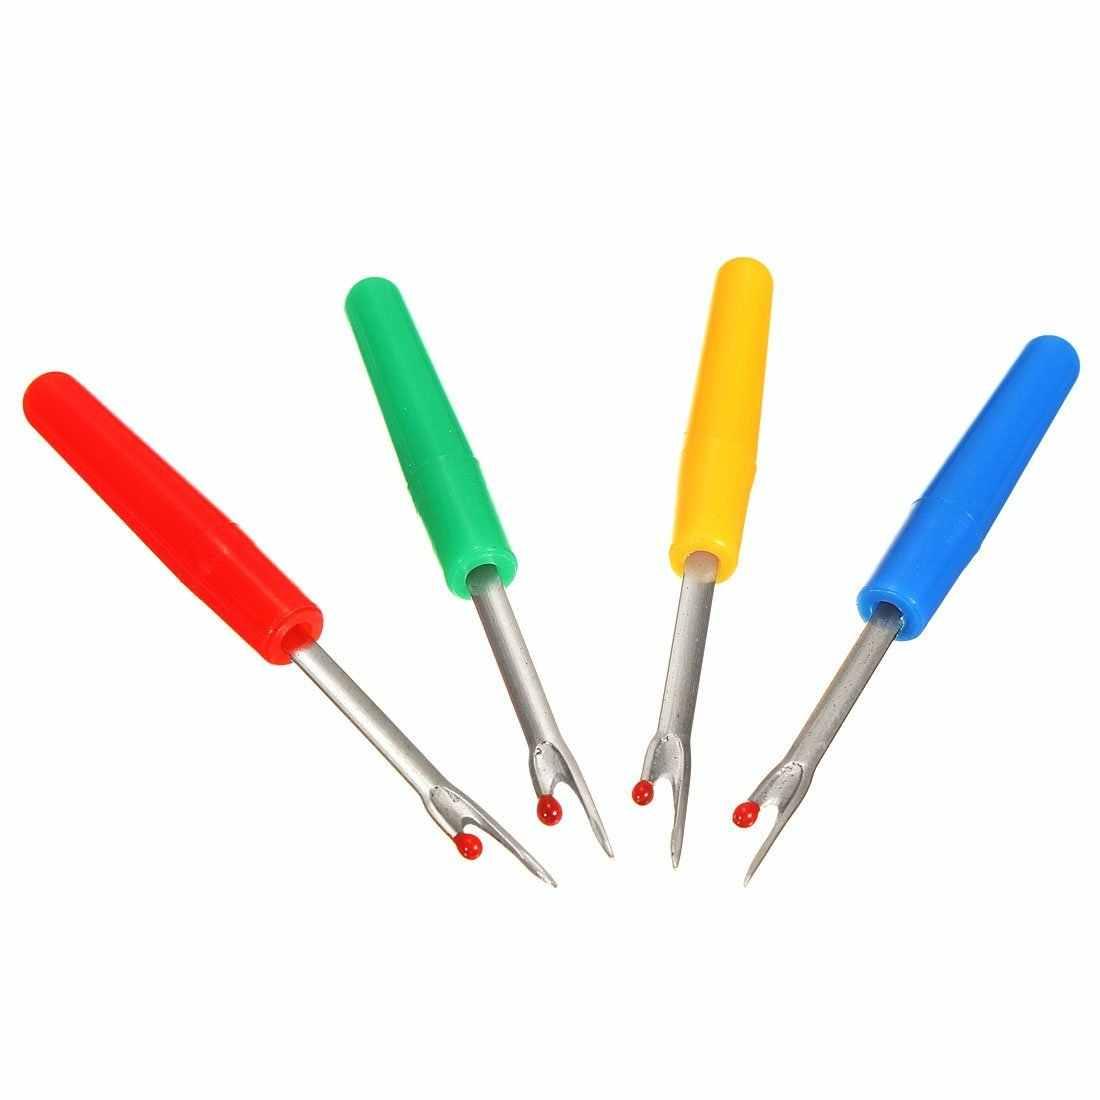 1 шт. пластиковая ручка заклепка игла отпорная хлопковая нить швейный инструмент для рук от прокола и края лезвия